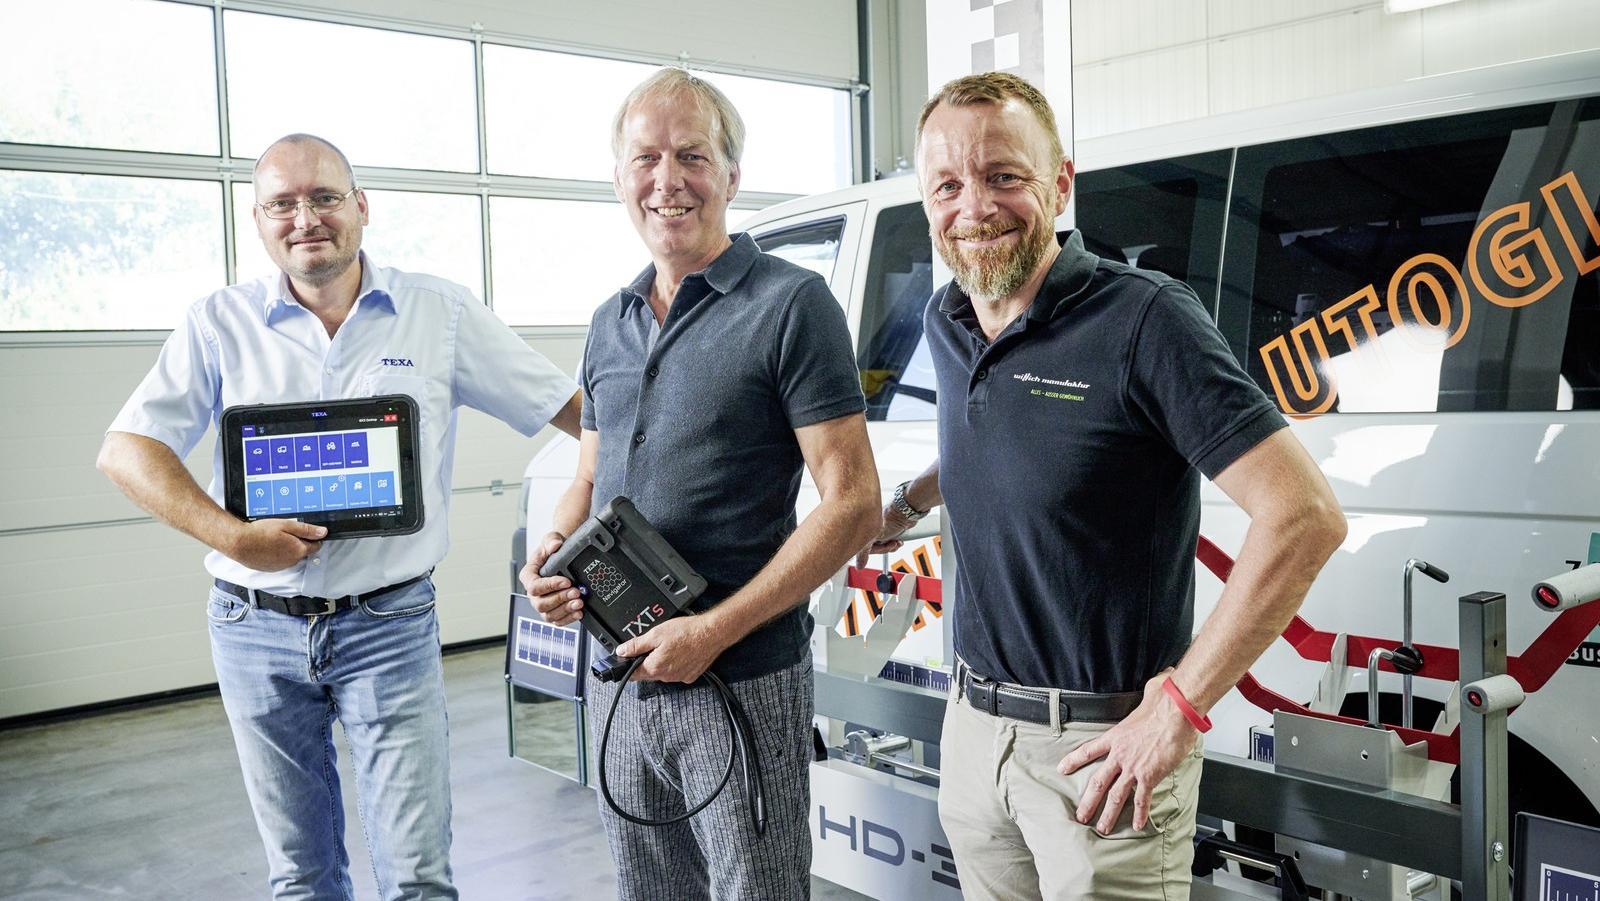 Erfolgreiche Partnerschaft: Thorsten Thomas (von links), Peter Wilhelmstroop und Matthias Wittich kümmern sich mit ihrem mobilen Service um den Einsatz von Ersatzscheiben bei LKW und Bussen sowie die Neukalibrierung von Hilfsassistenten.